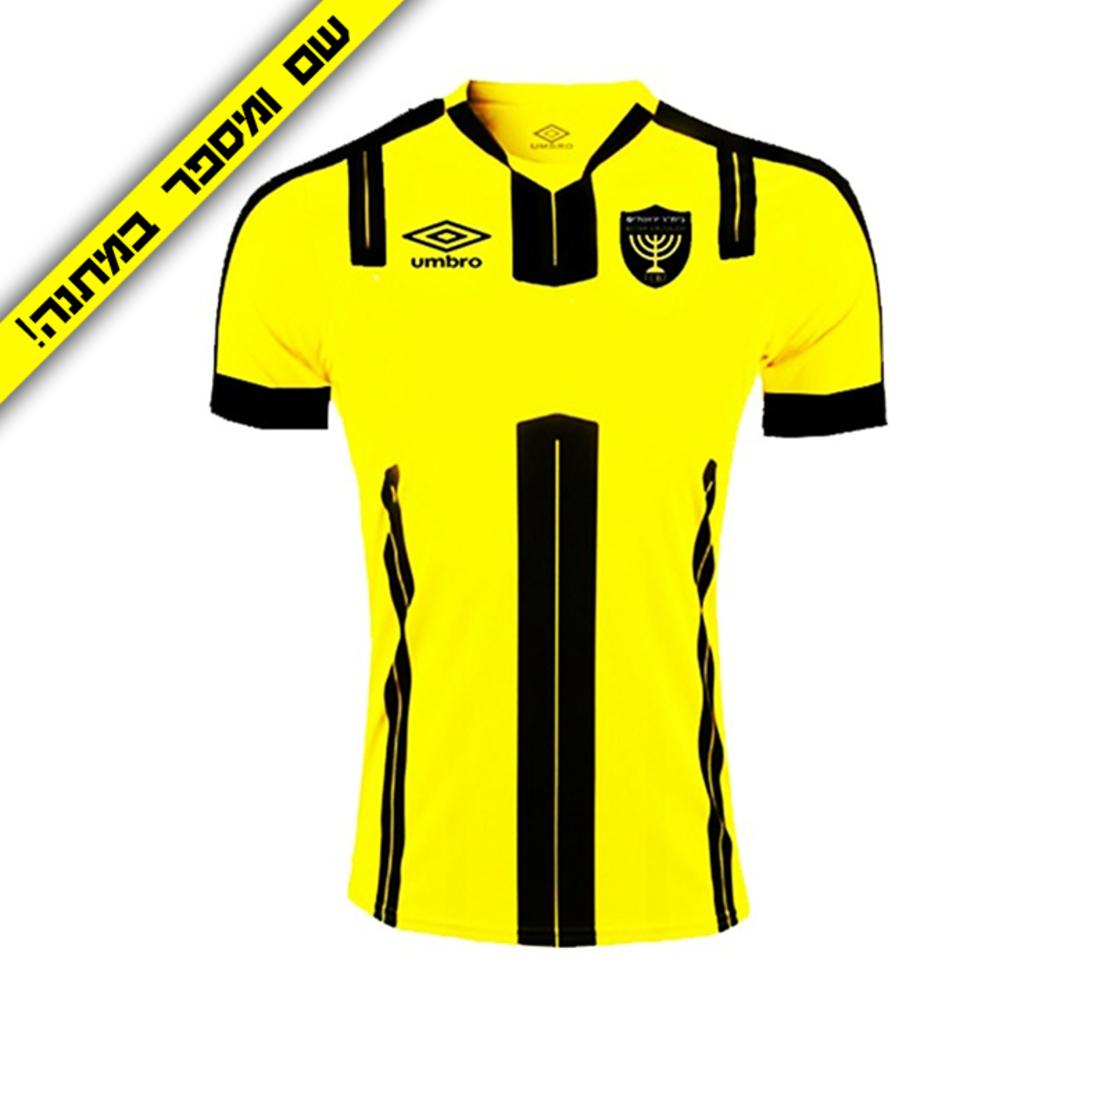 חולצת משחק ביתר ירושלים צהובה